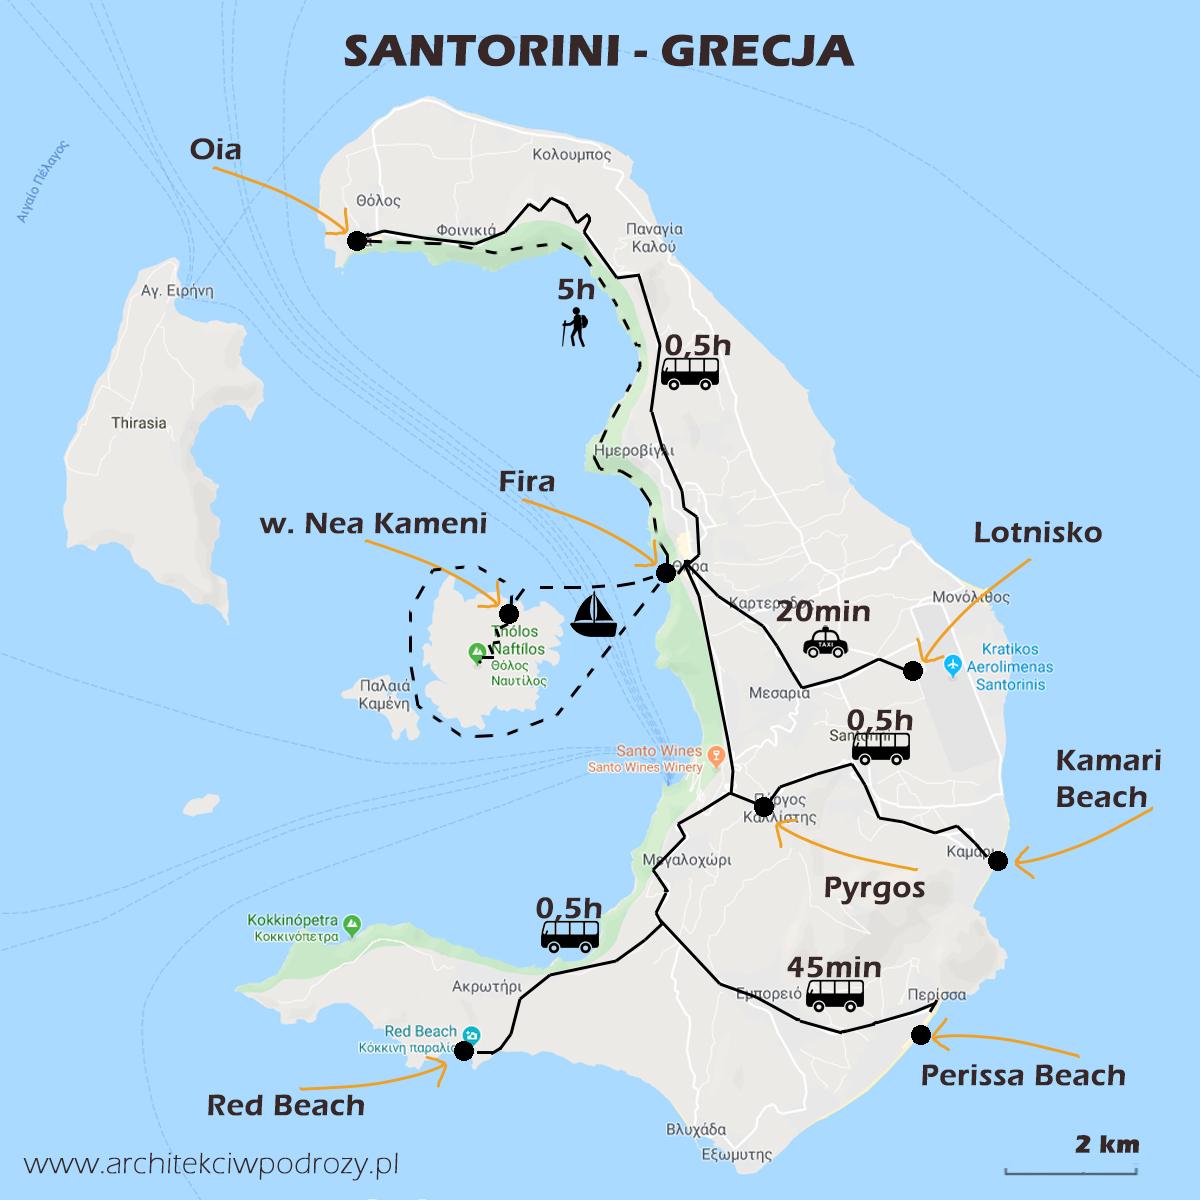 01 SANTORINI mapa - Greckie Santorini w listopadzie